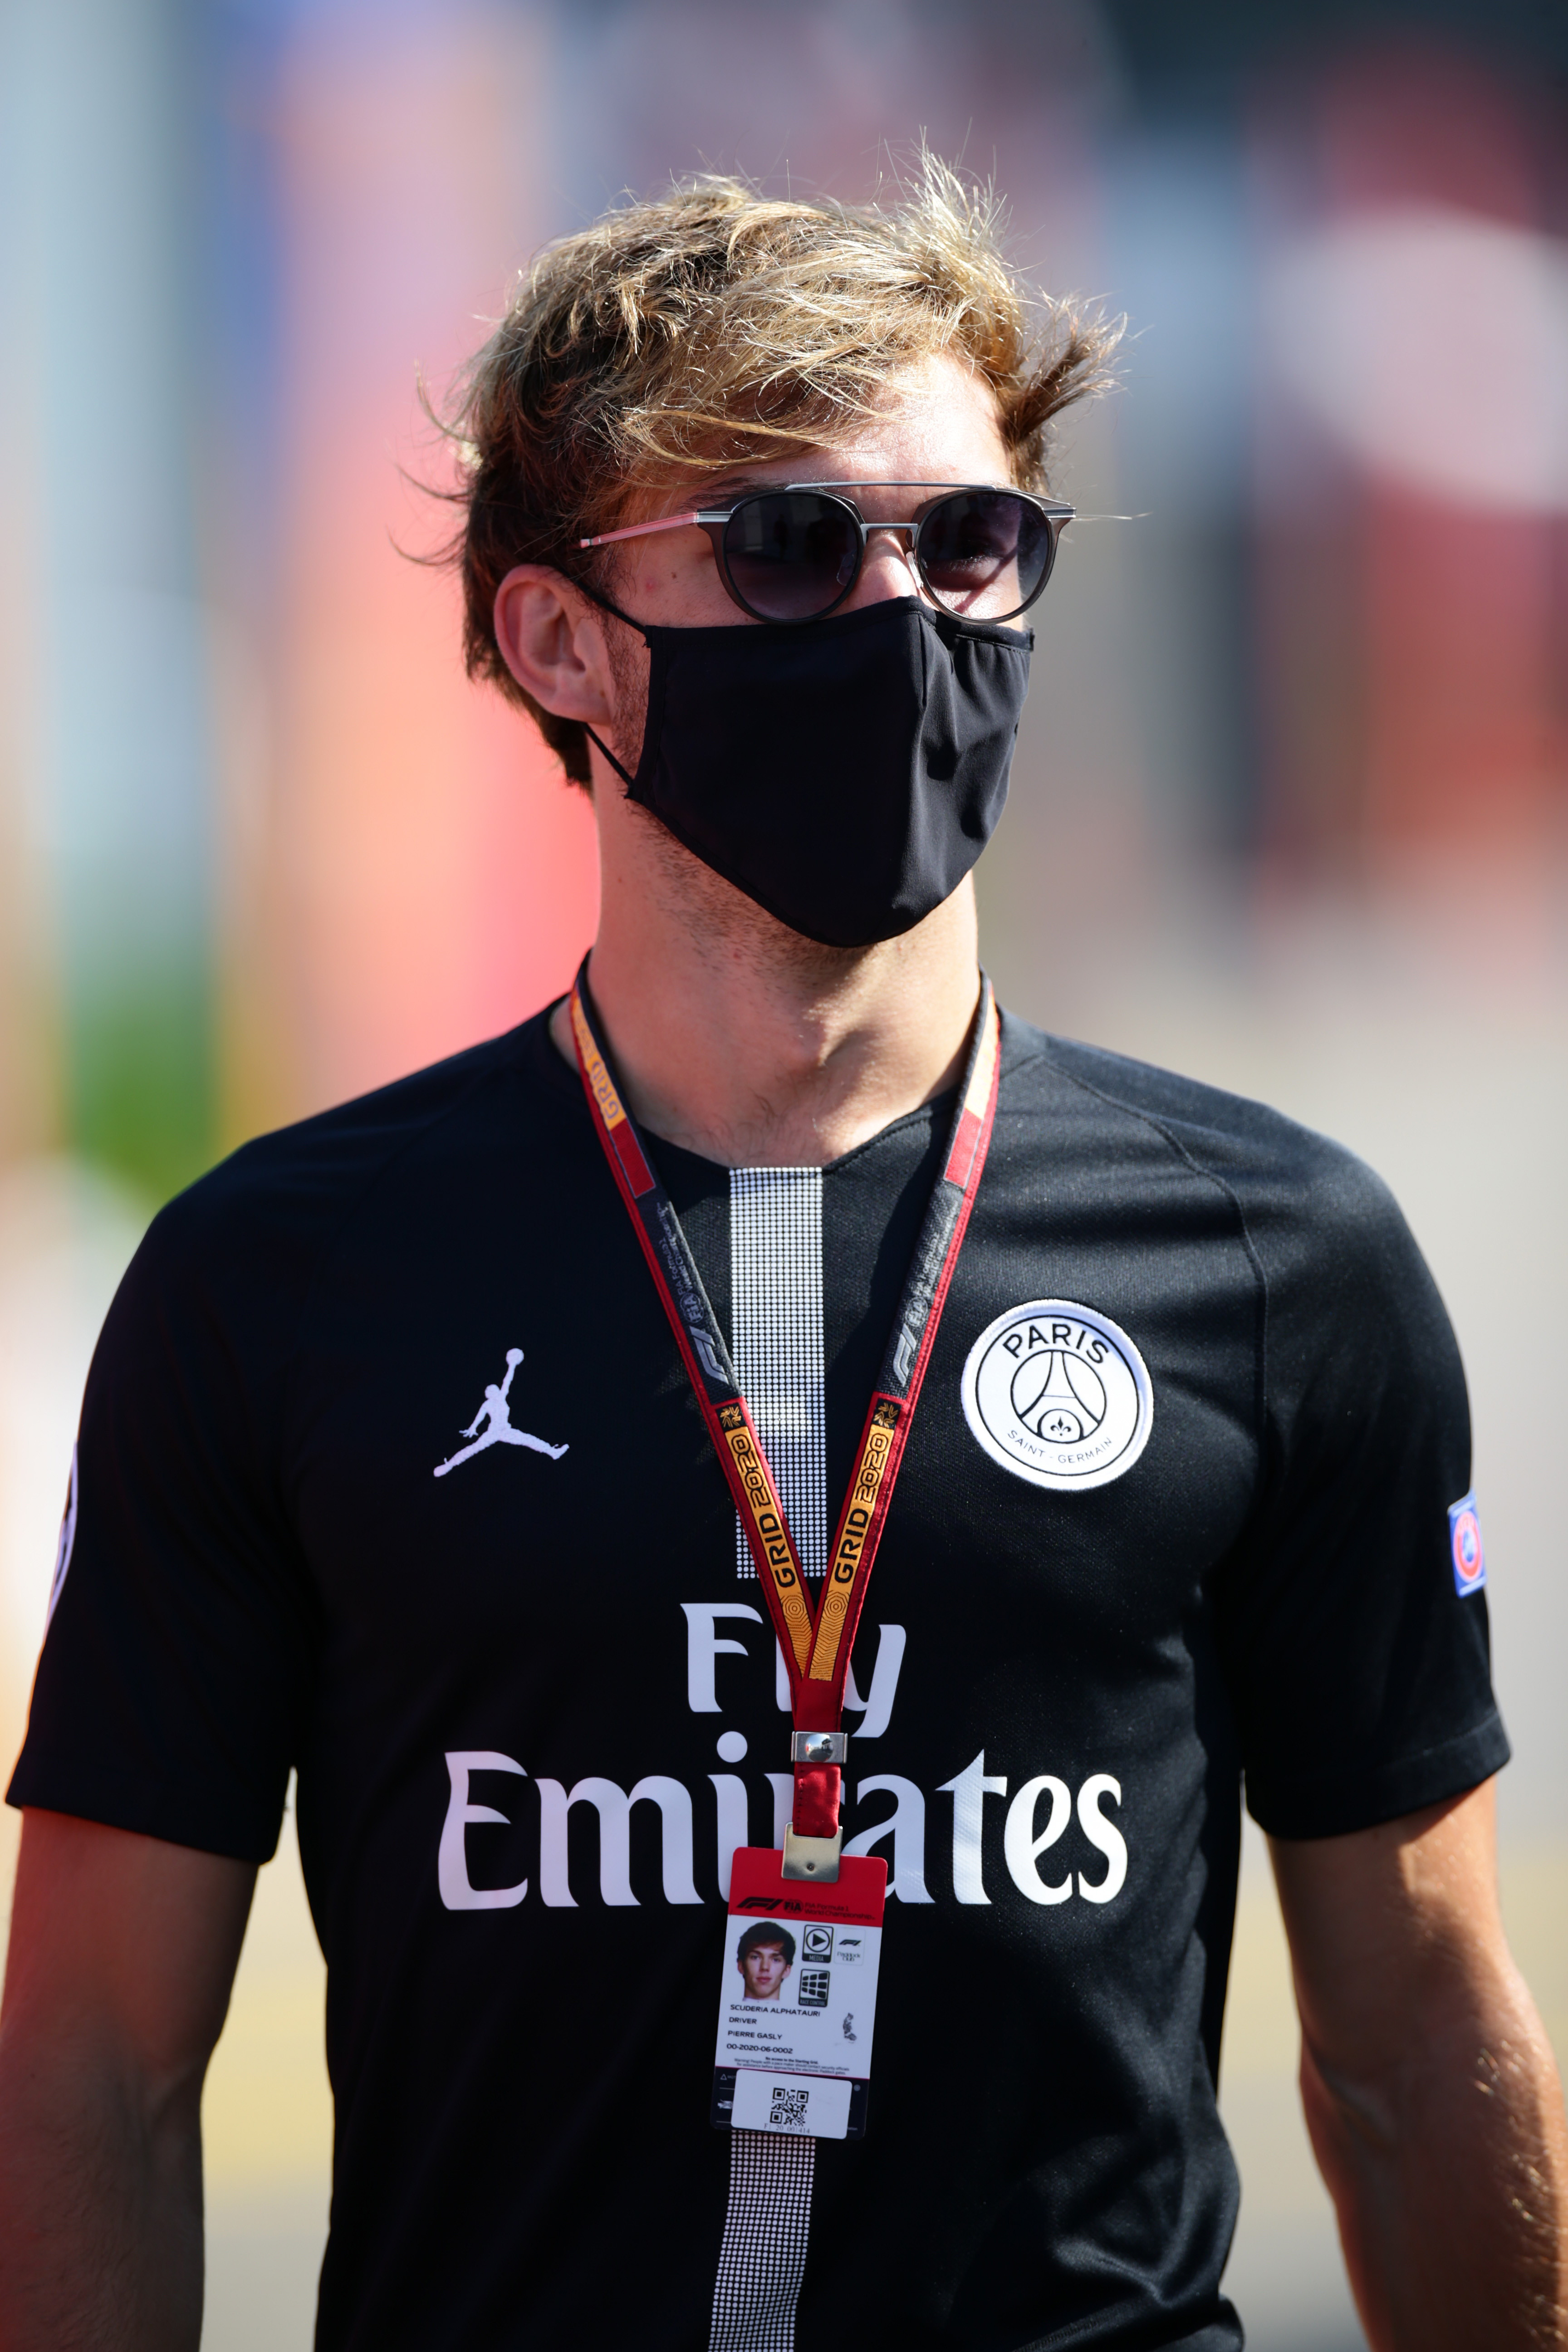 Tutto pronto per il fine settimana del GP di Spagna a Barcellona. Torna Perez, intanto nel paddock Gasly&nbsp;mostra ancora una volta il suo legame col mondo del pallone<br /><br />